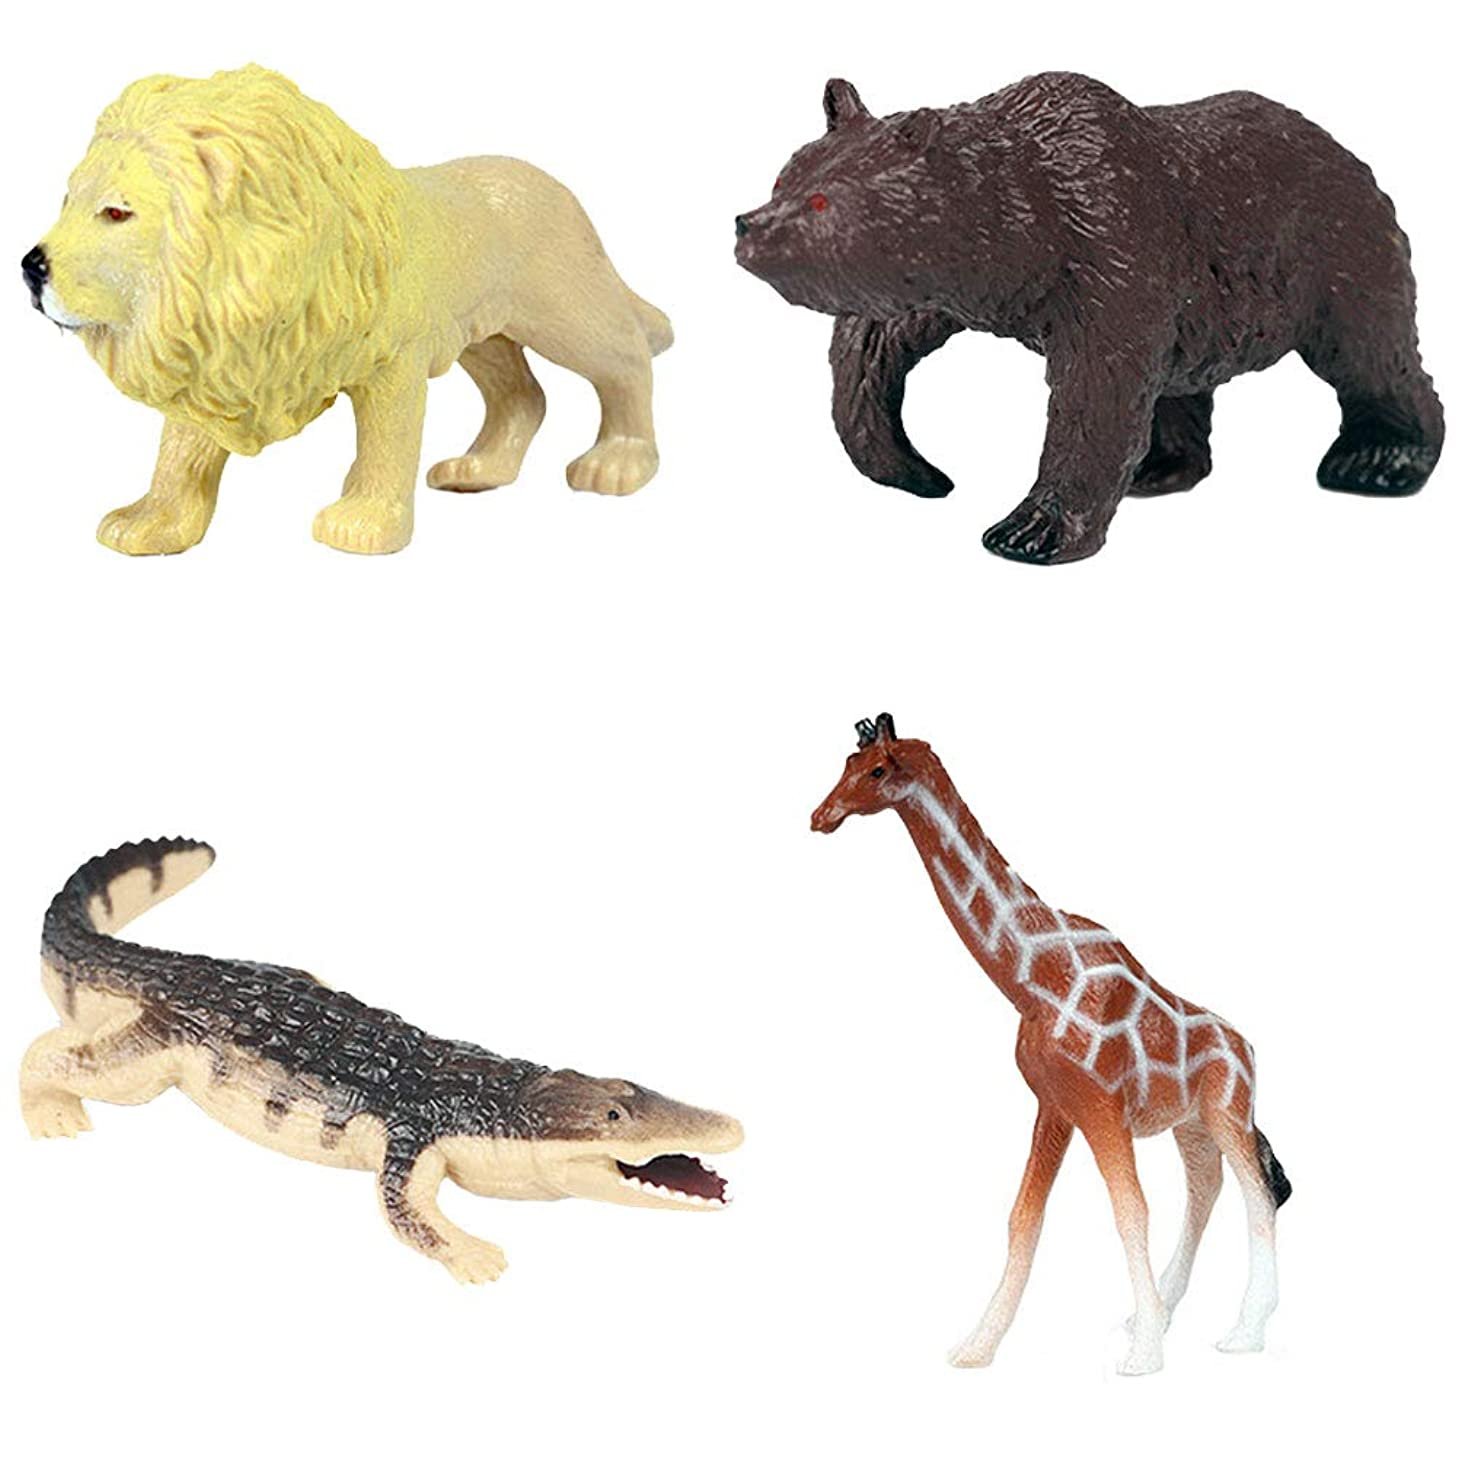 ポインタ苦しめる満了FLORMOON動物フィギュア 4 個リアルなプラスチック製の恐竜のおもちゃセット内容ライオン、ヒグマなど。科学プロジェクト、学習教育おもちゃ、誕生日ギフト、ケーキトッパーのためのキッズ幼児